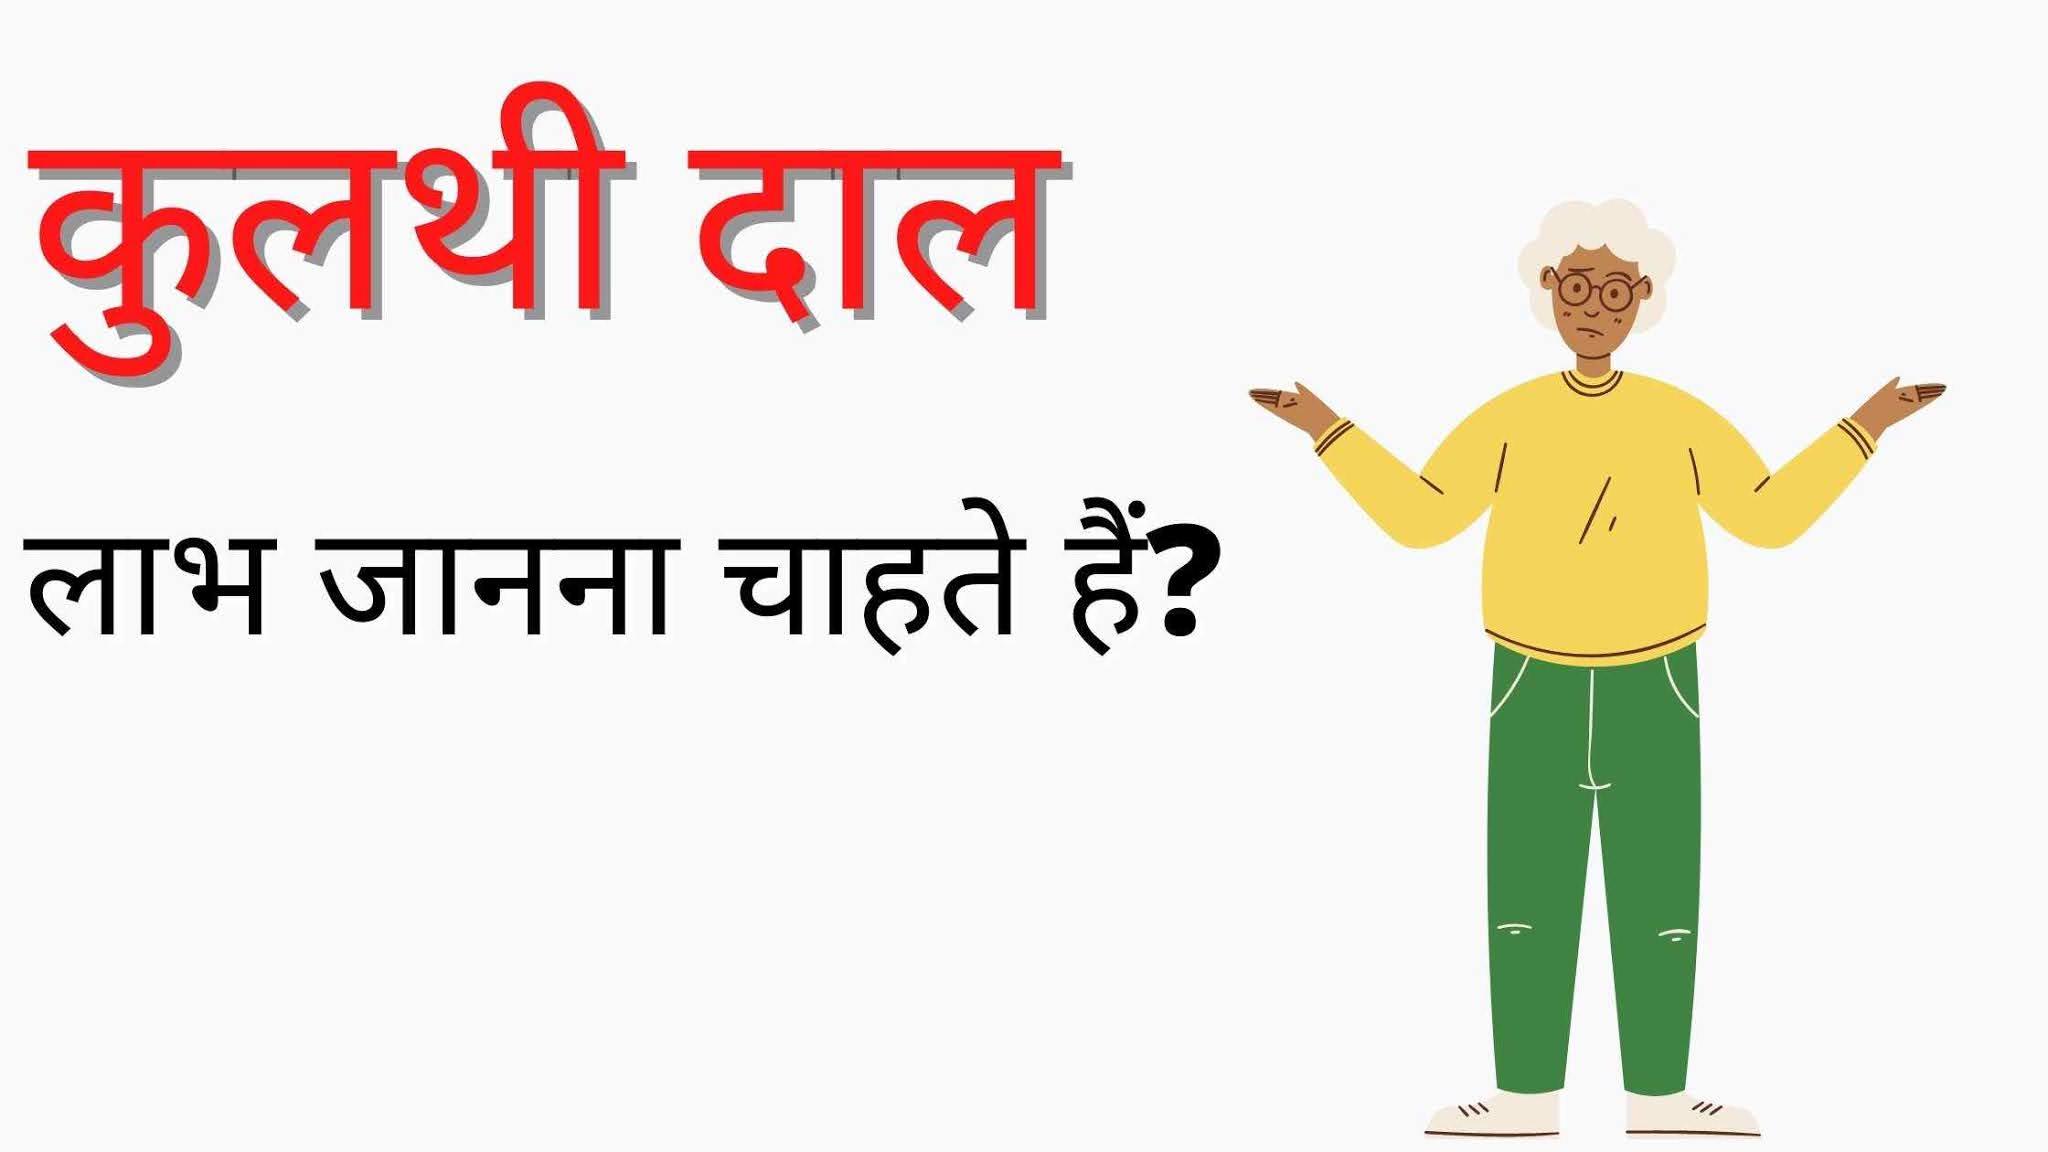 kulthi-dal-in-hindi